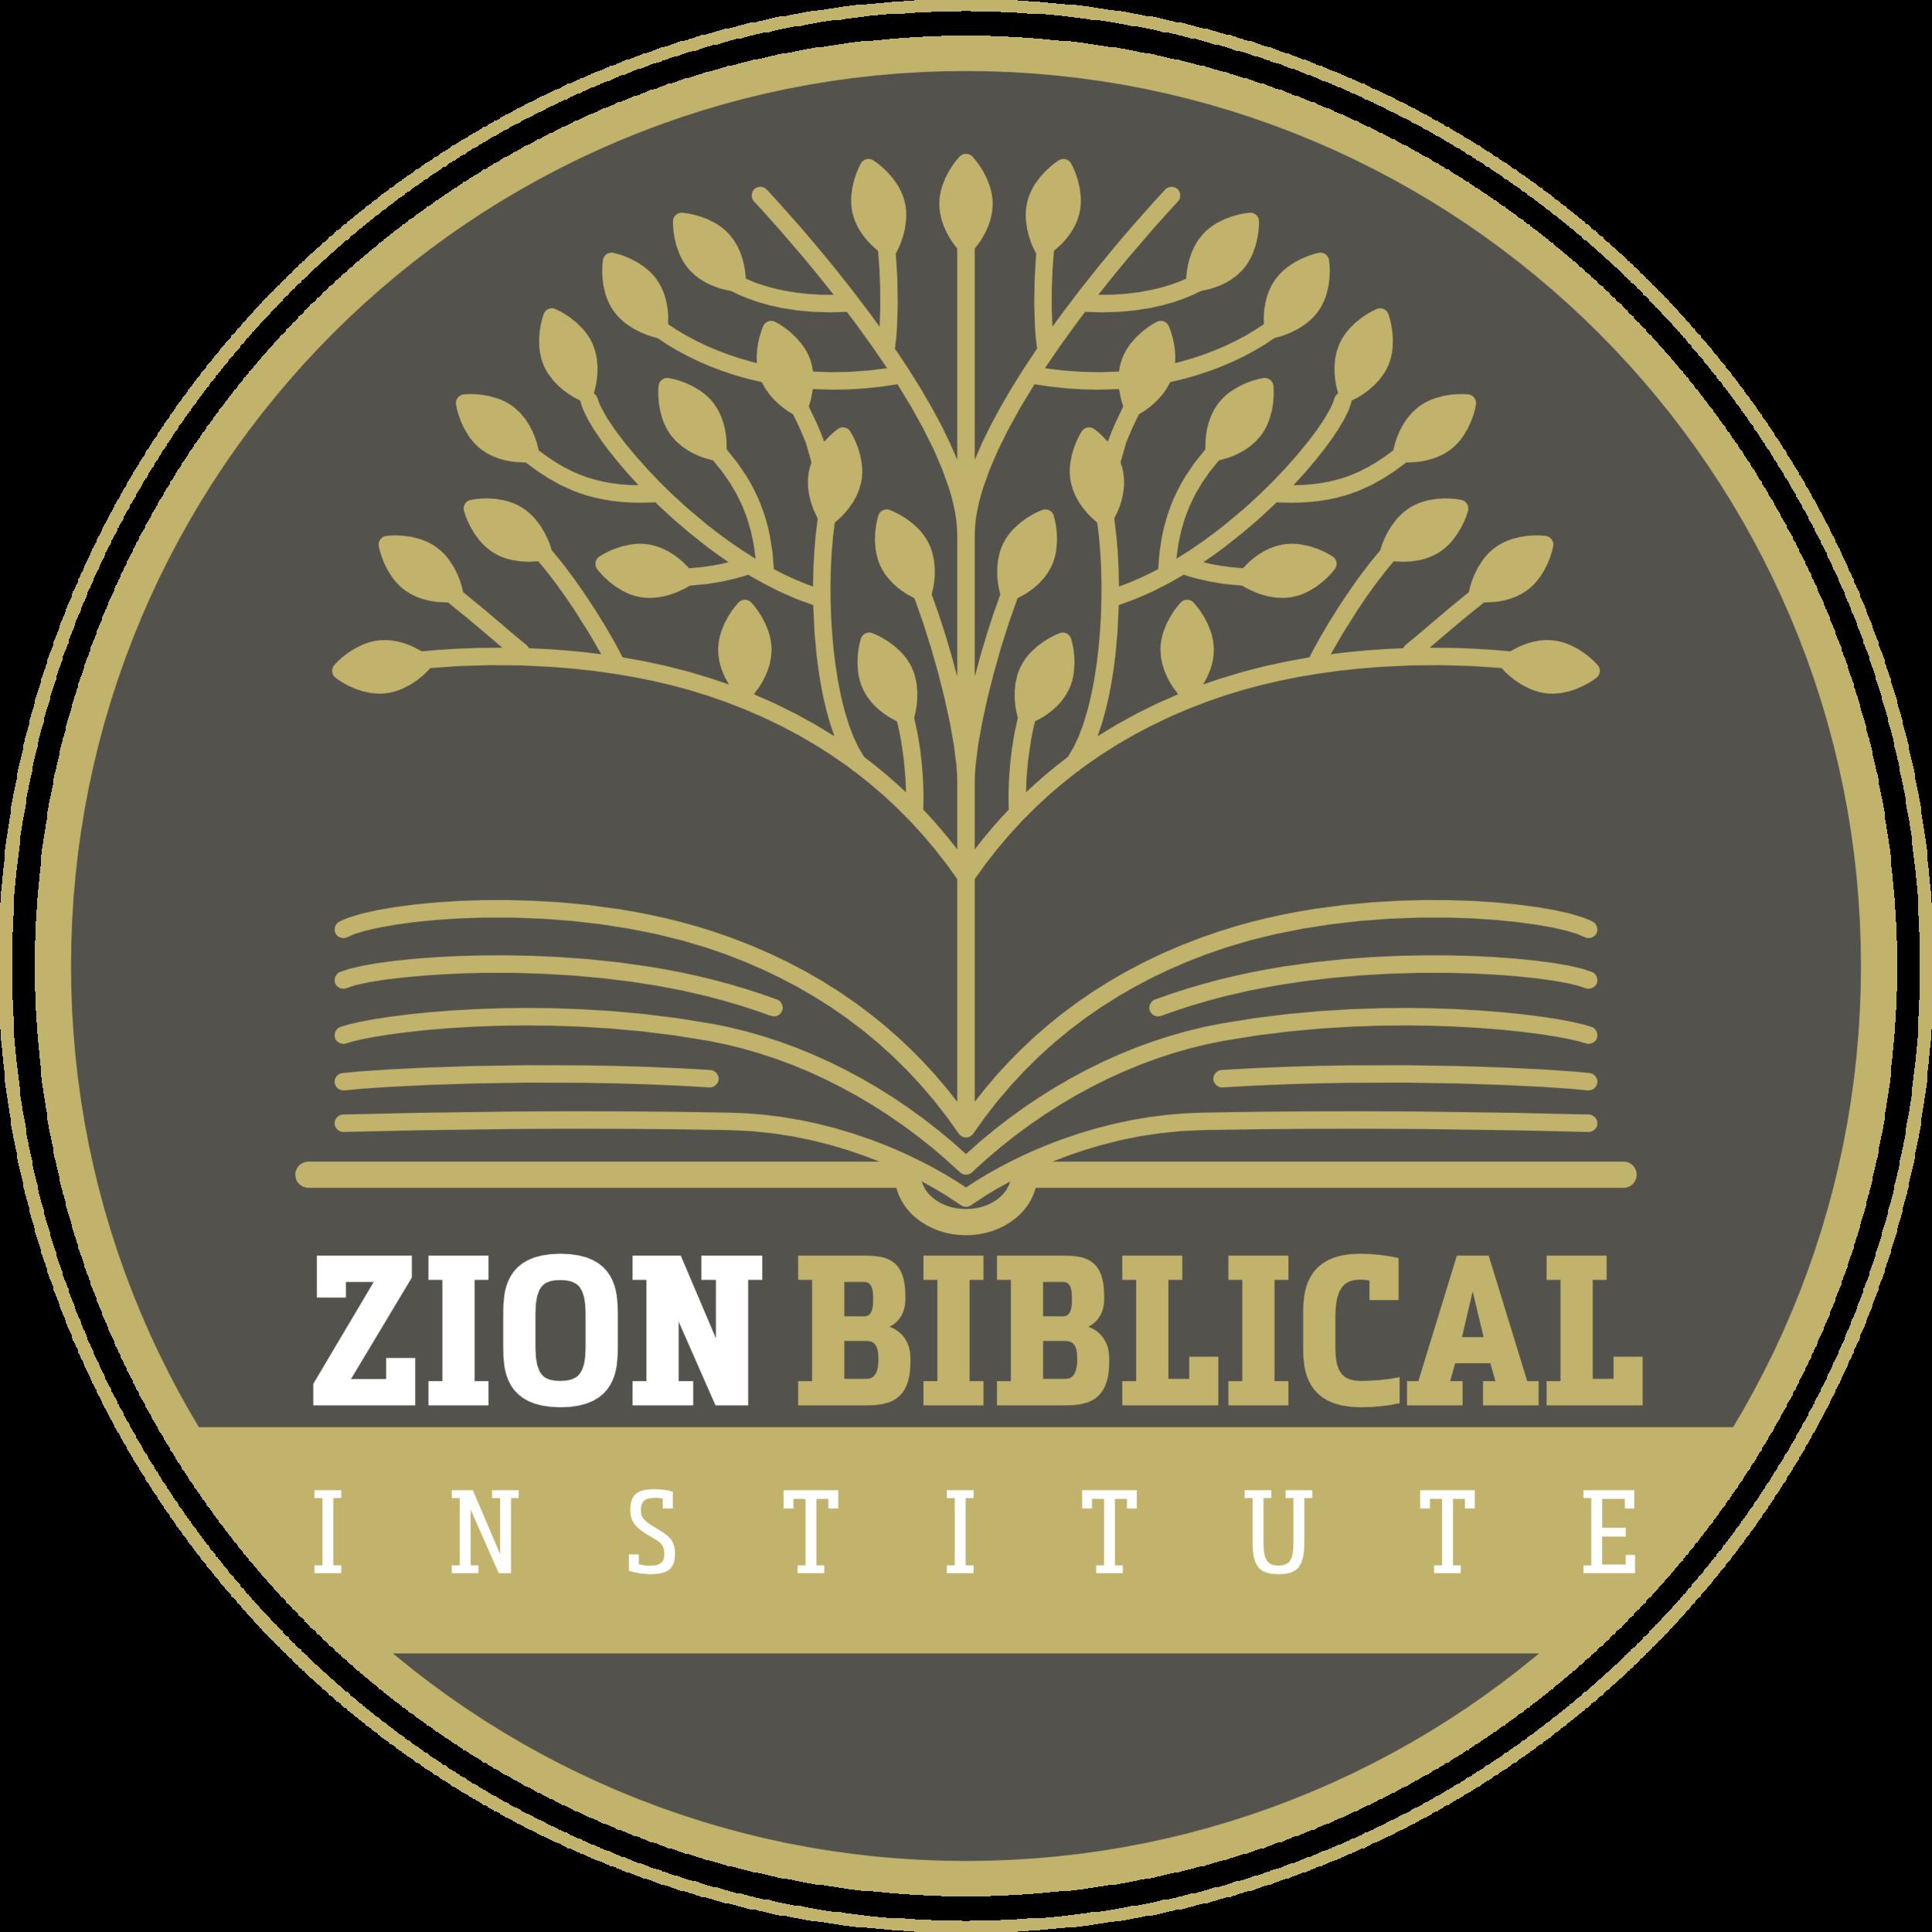 Zion Biblical Institute Logo ZBI.png